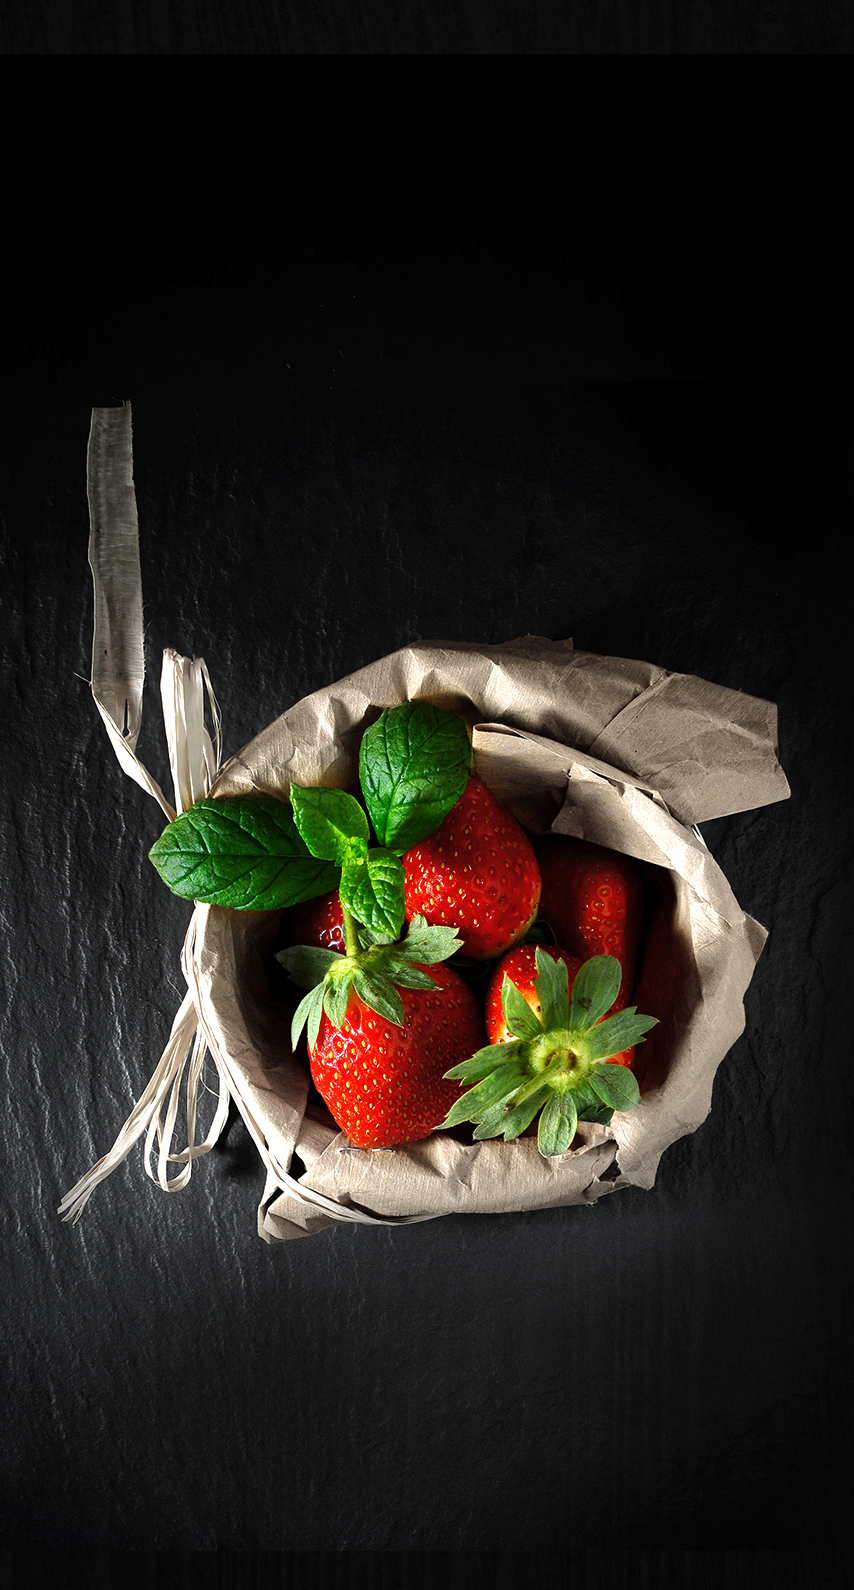 grow, tasty, nutrition, refreshment, diet